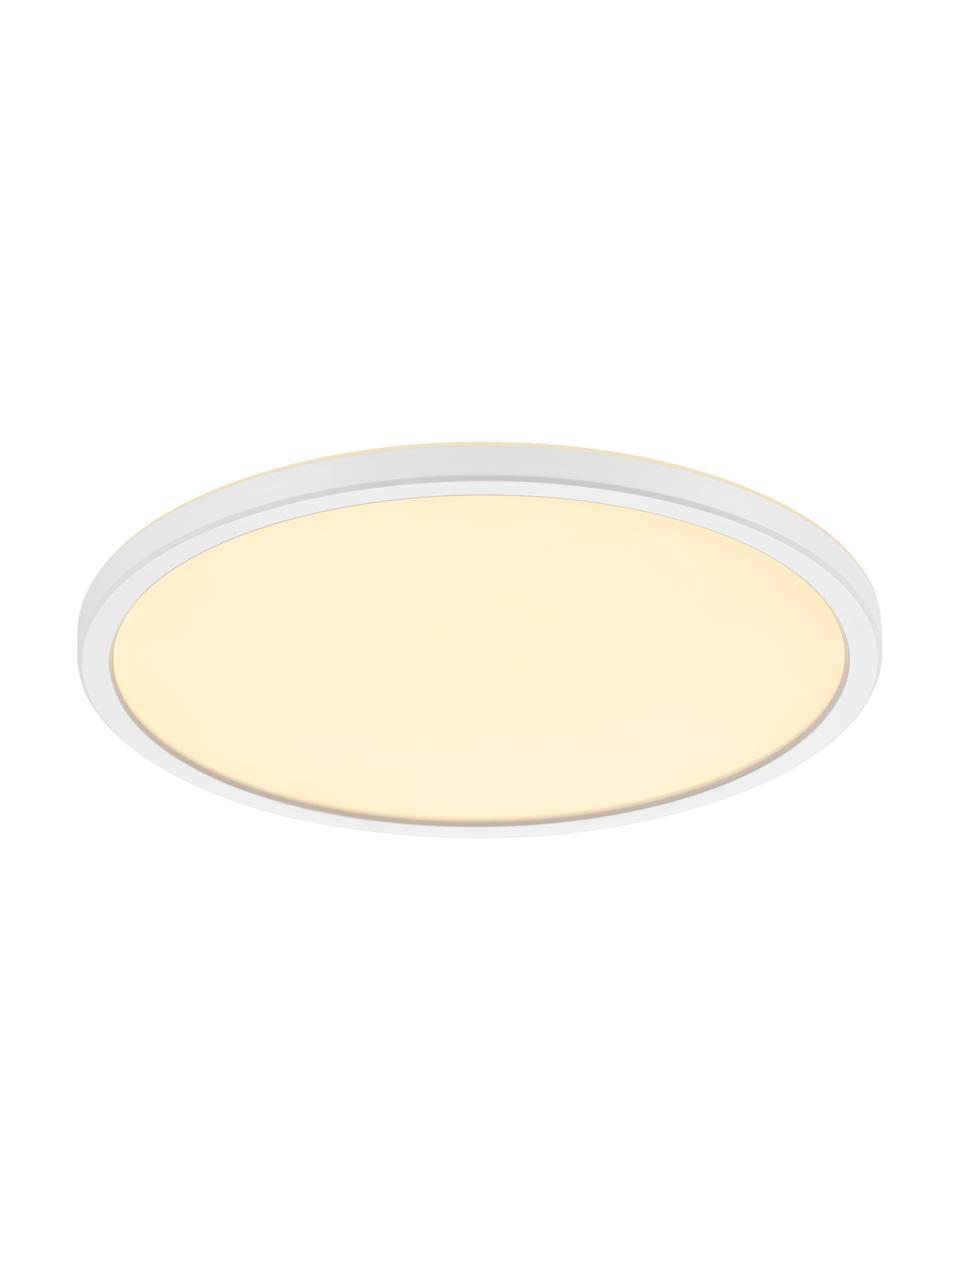 Panel świetlny LED z funkcją przyciemniania Oja, Biały, Ø 29 x W 2 cm